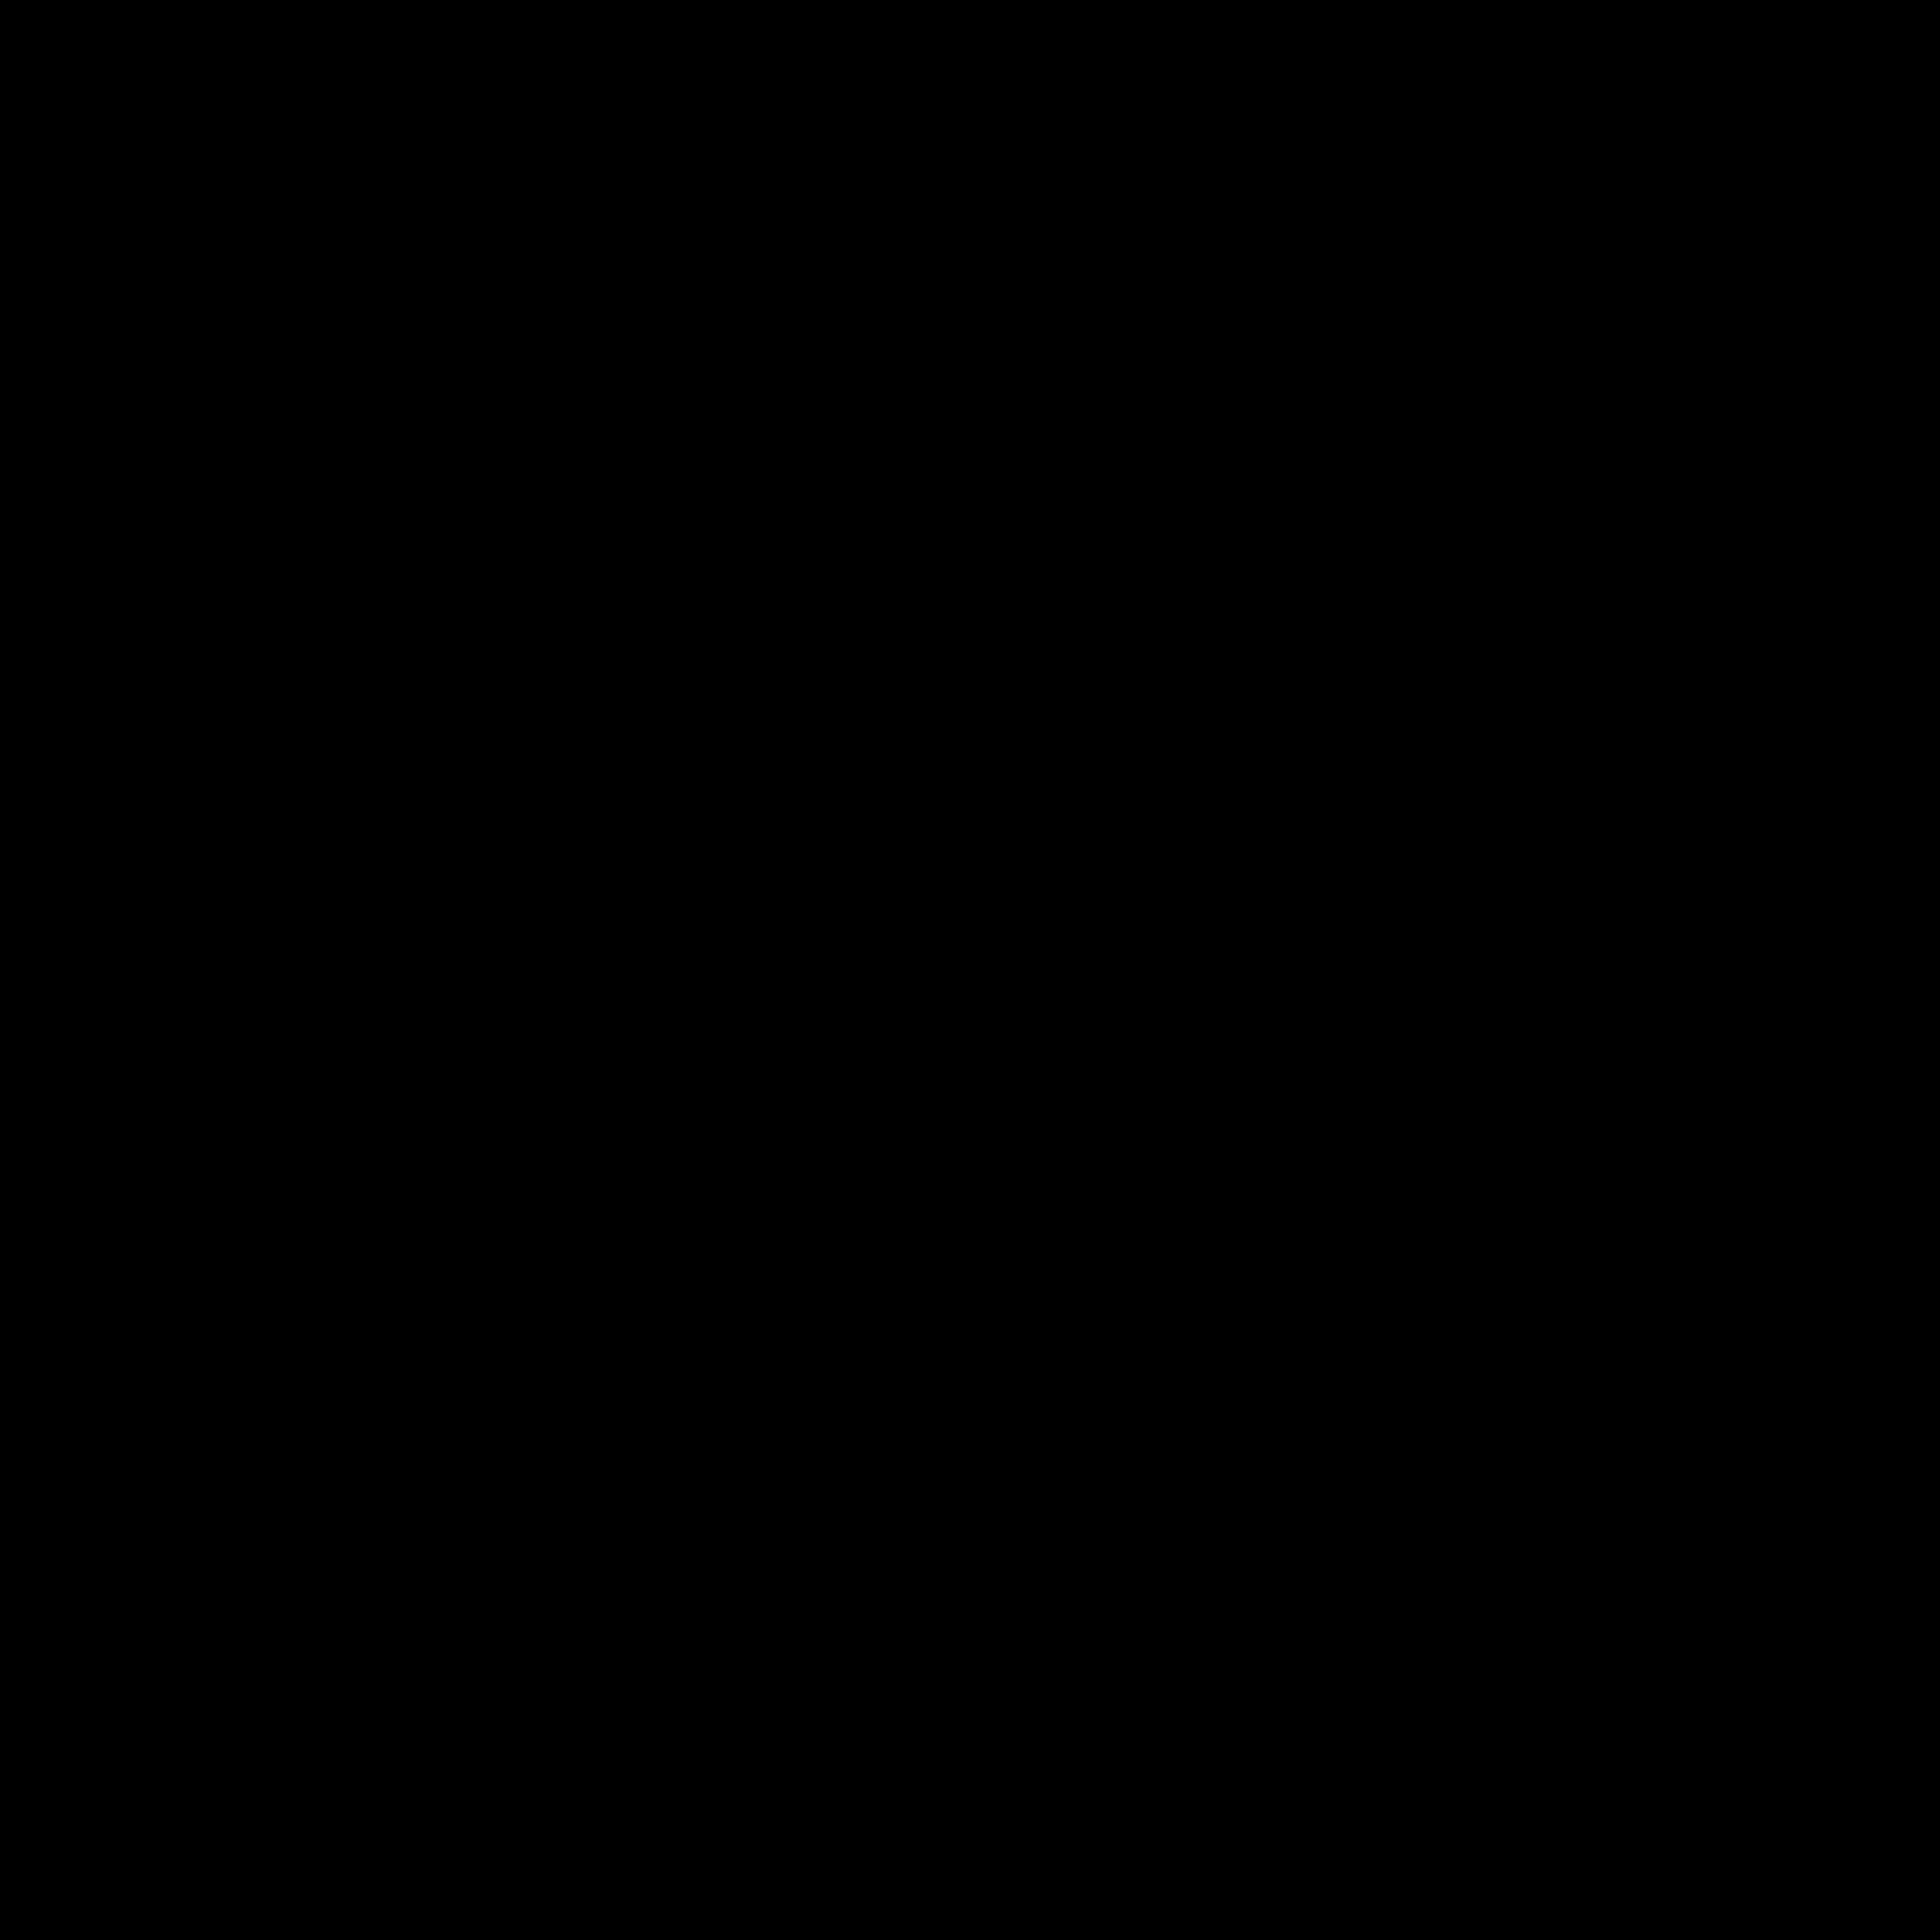 Video_8_Logo.svg